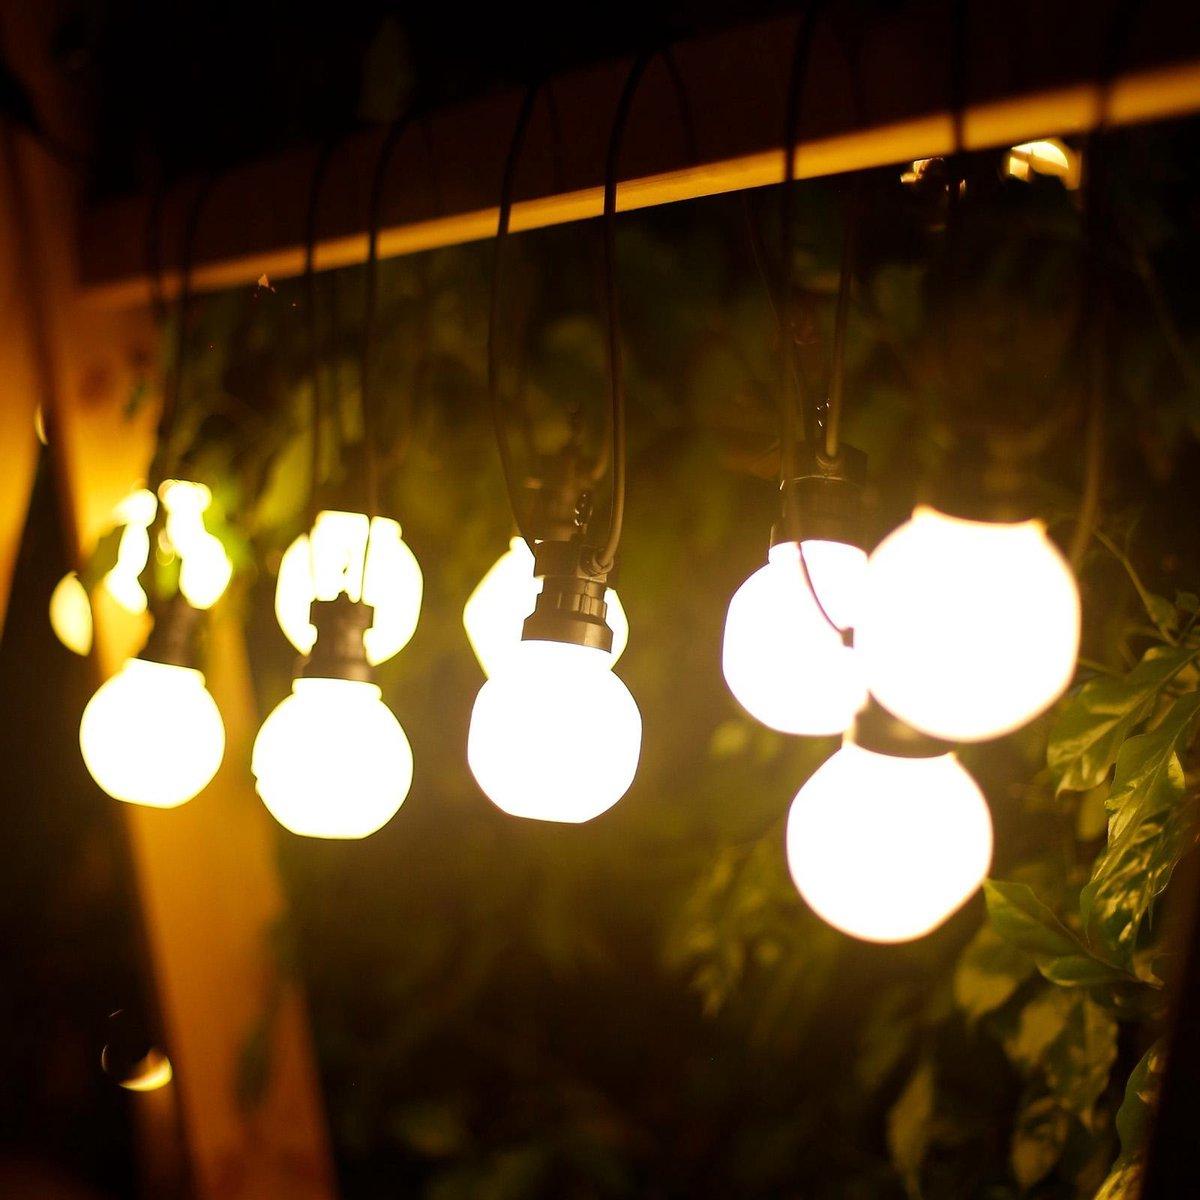 Aigostar Lichtsnoer - Lichtslinger - LED Lampjes Slinger - 10 Milky LED - 3000K Warm wit - 8 Meter